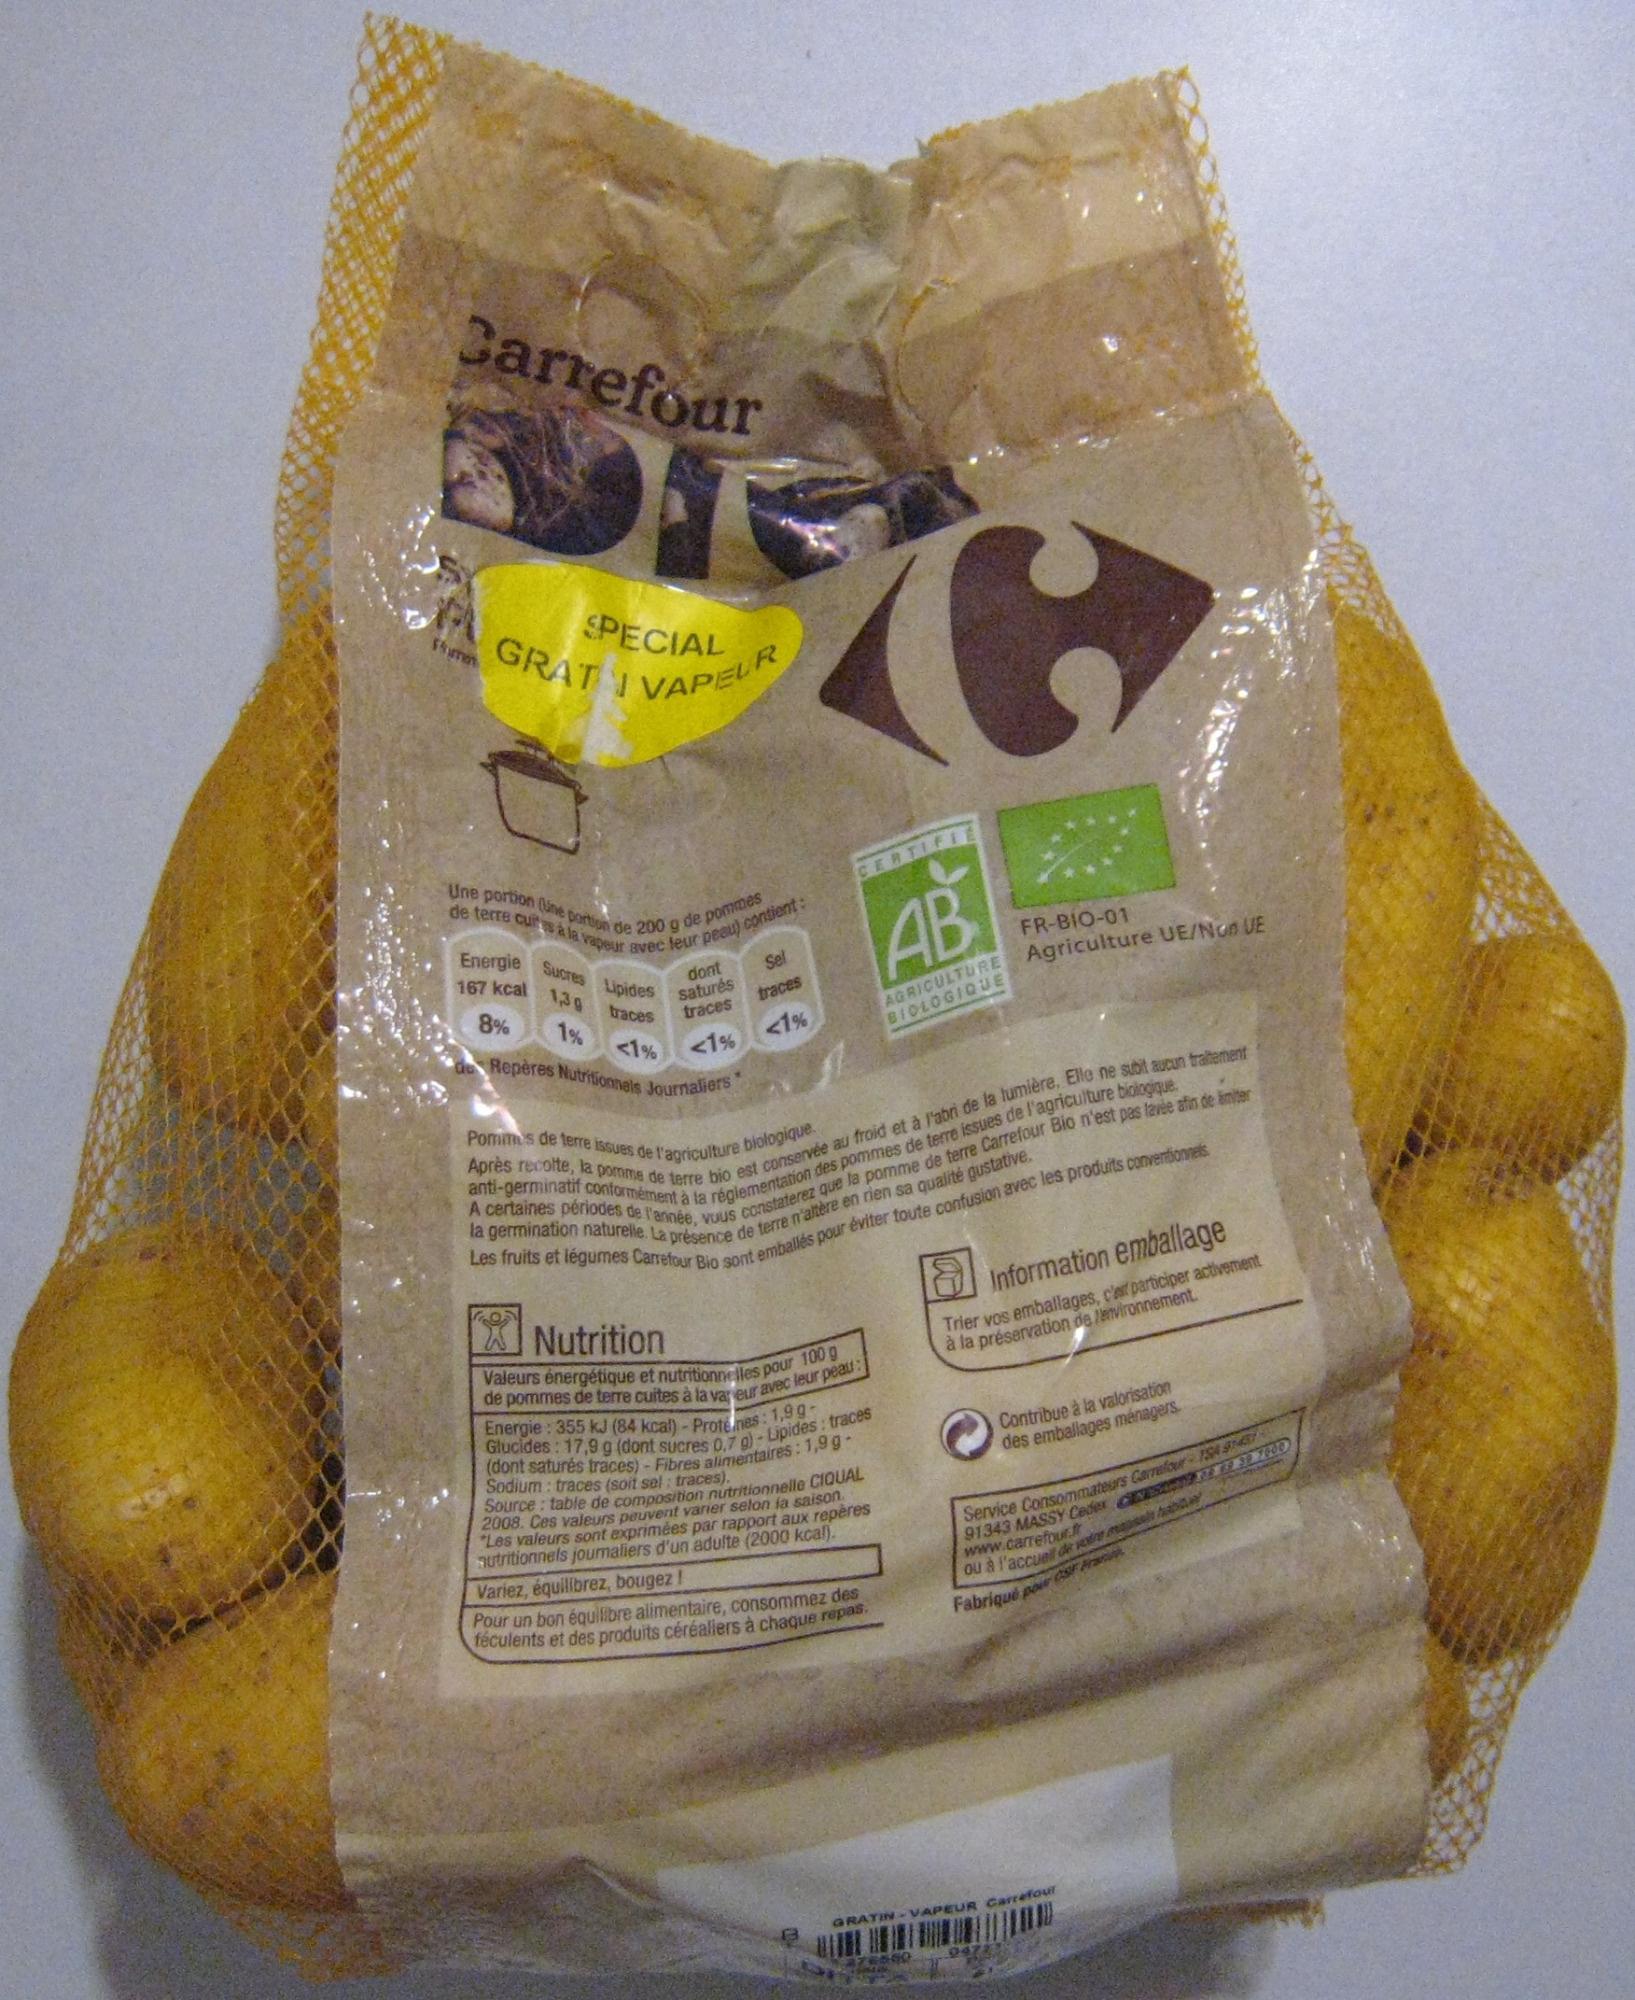 pommes de terre sp cial gratin vapeur bio carrefour 2 5 kg. Black Bedroom Furniture Sets. Home Design Ideas